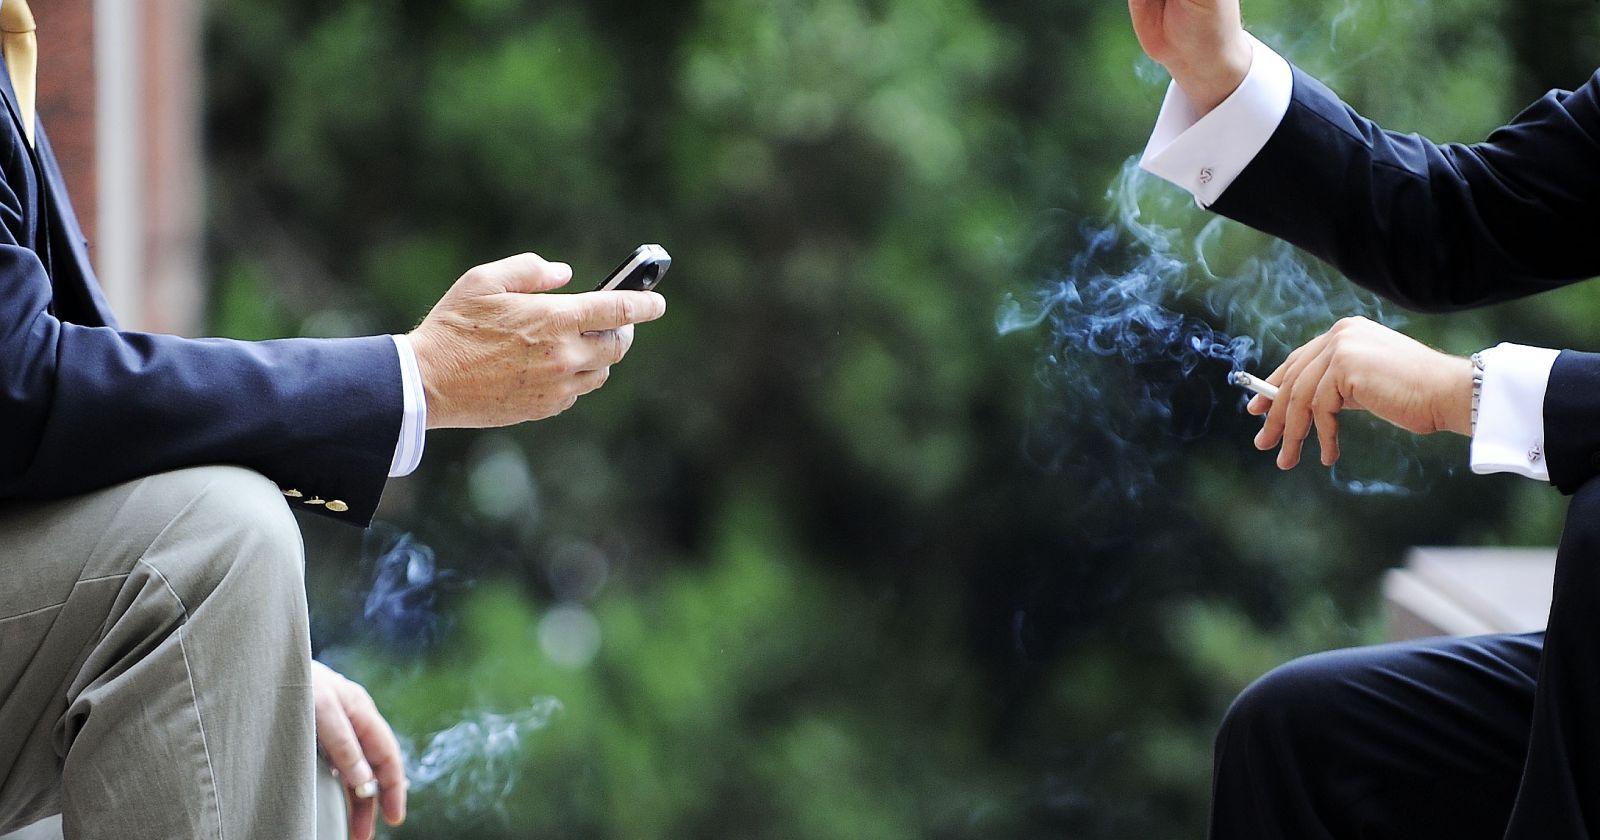 Subir o no subir: el debate sobre el precio de los cigarrillos para disminuir el tabaquismo